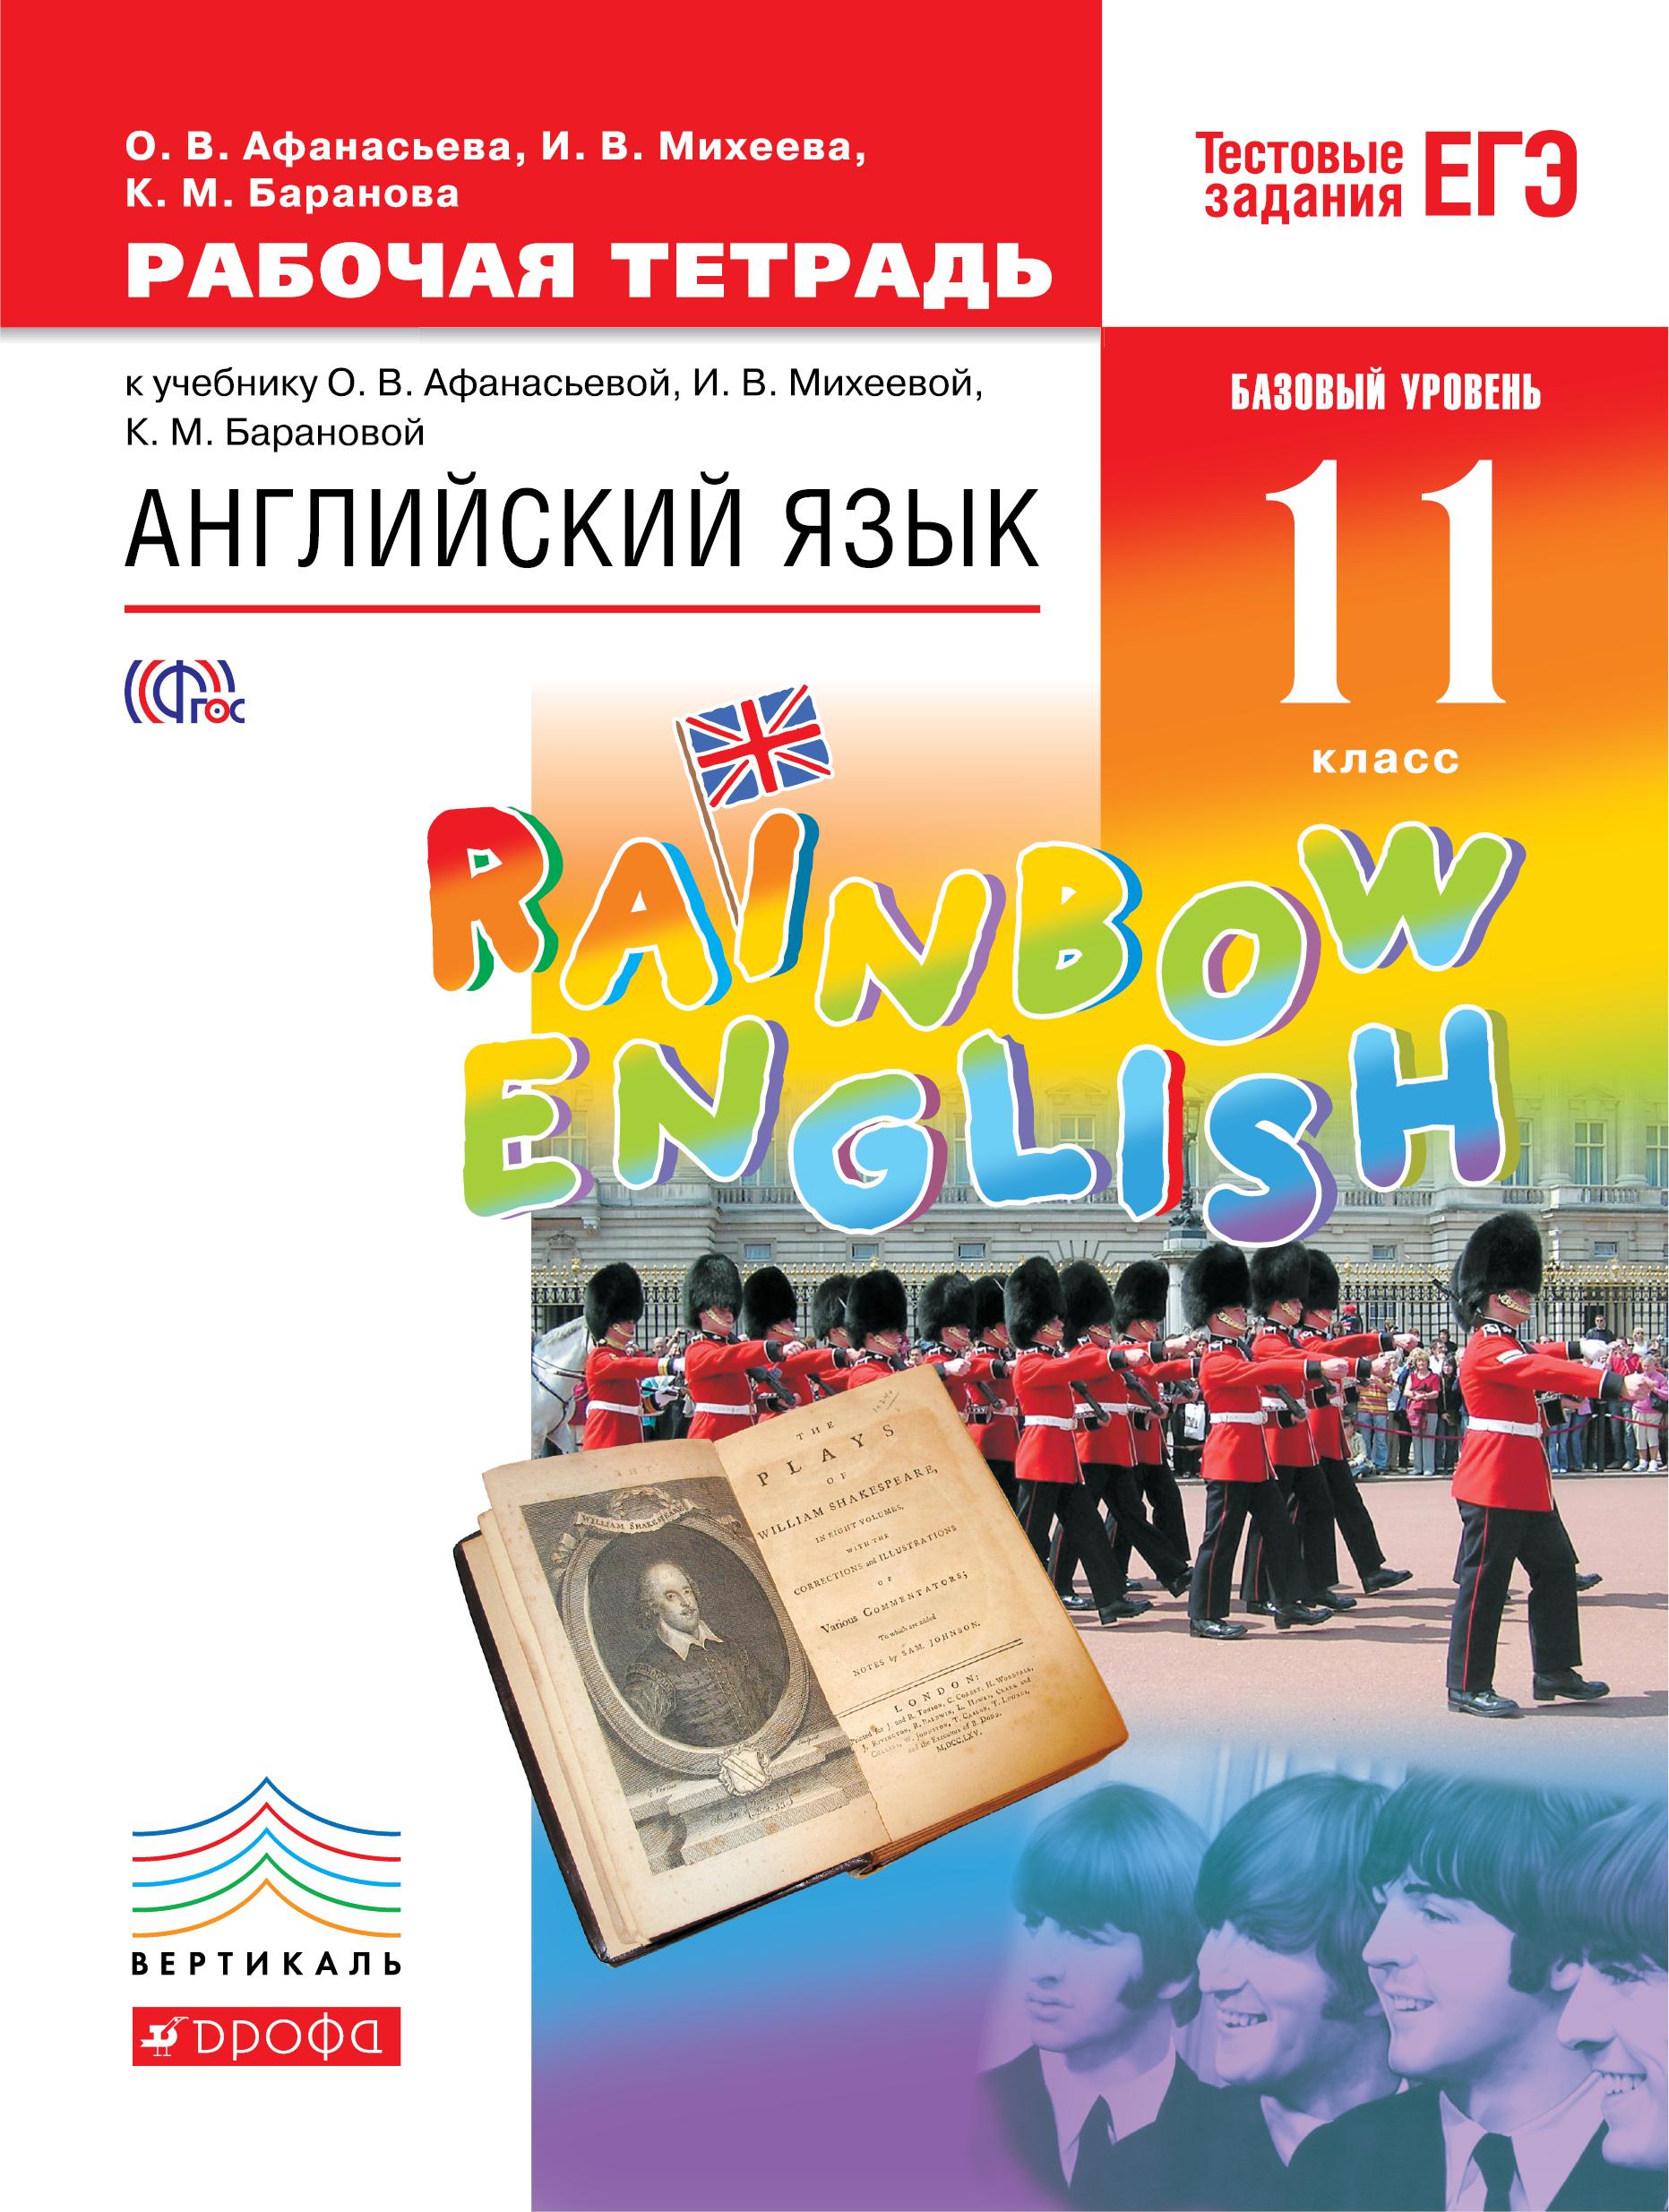 О. В. Афанасьева, И. В. Михеева, К. М. Баранова Английский язык. 11 класс. Базовый уровень. Рабочая тетрадь